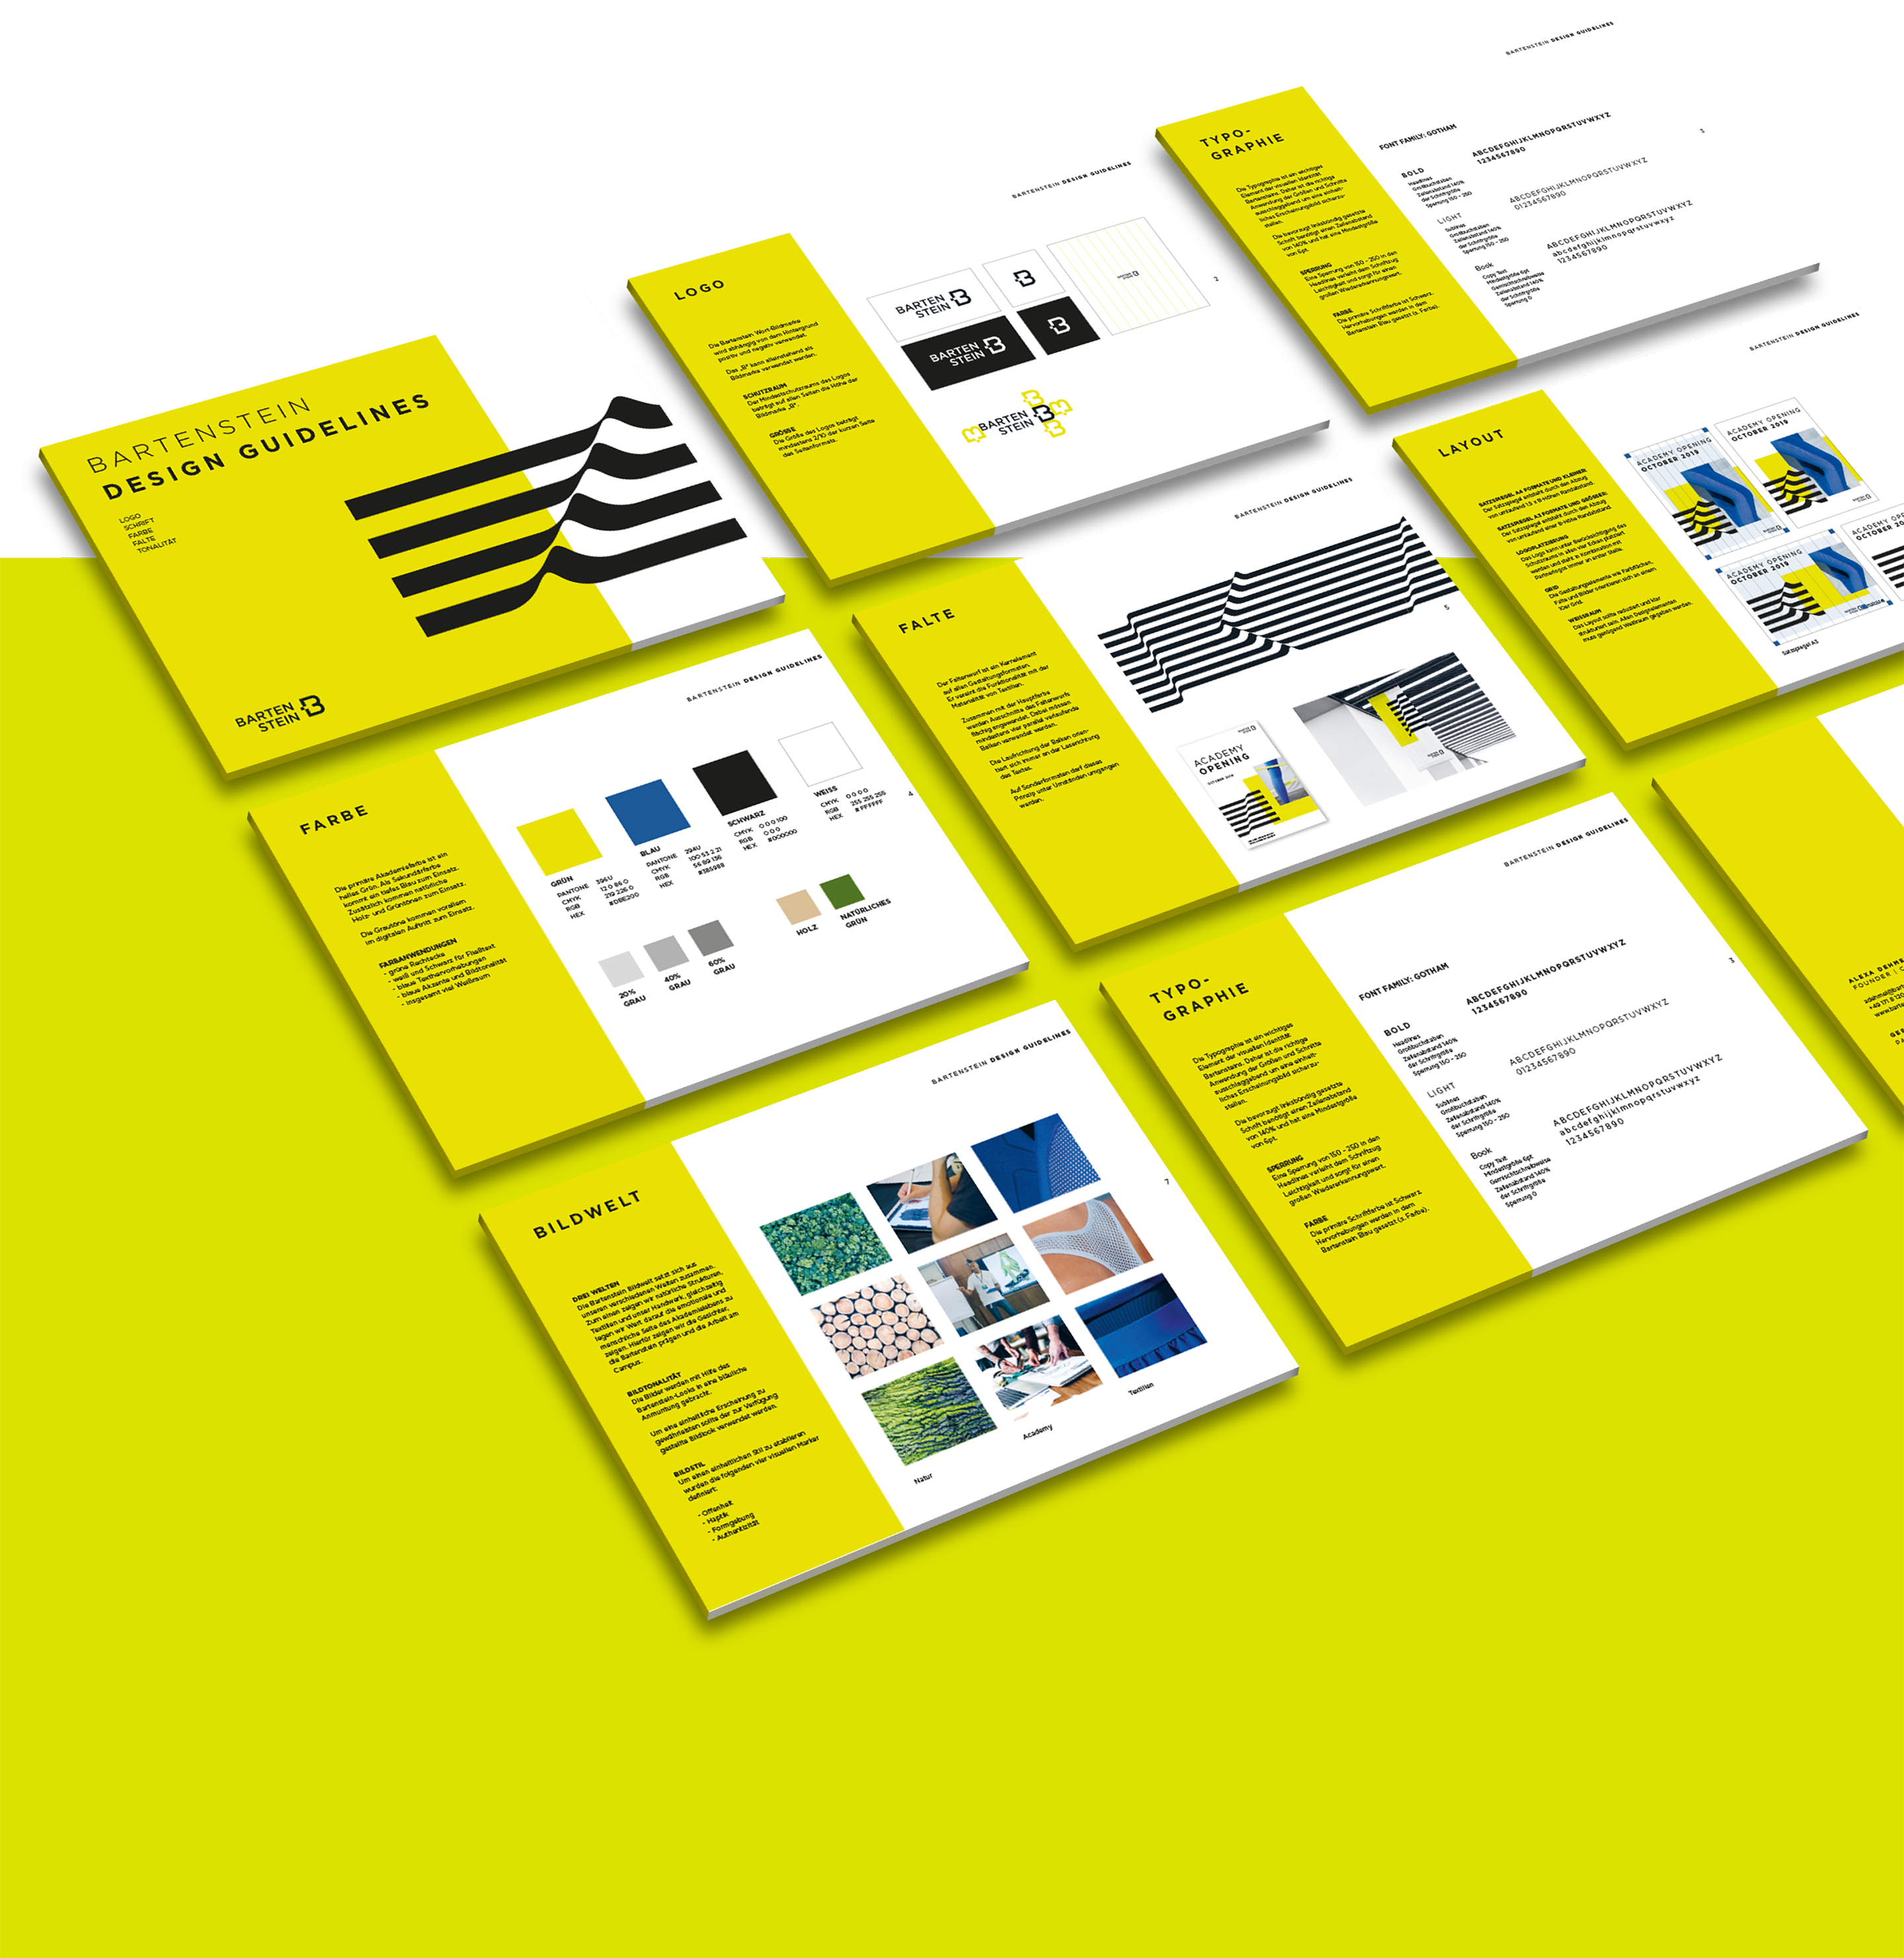 pascher-heinz-bartenstein-relaunch-design-system